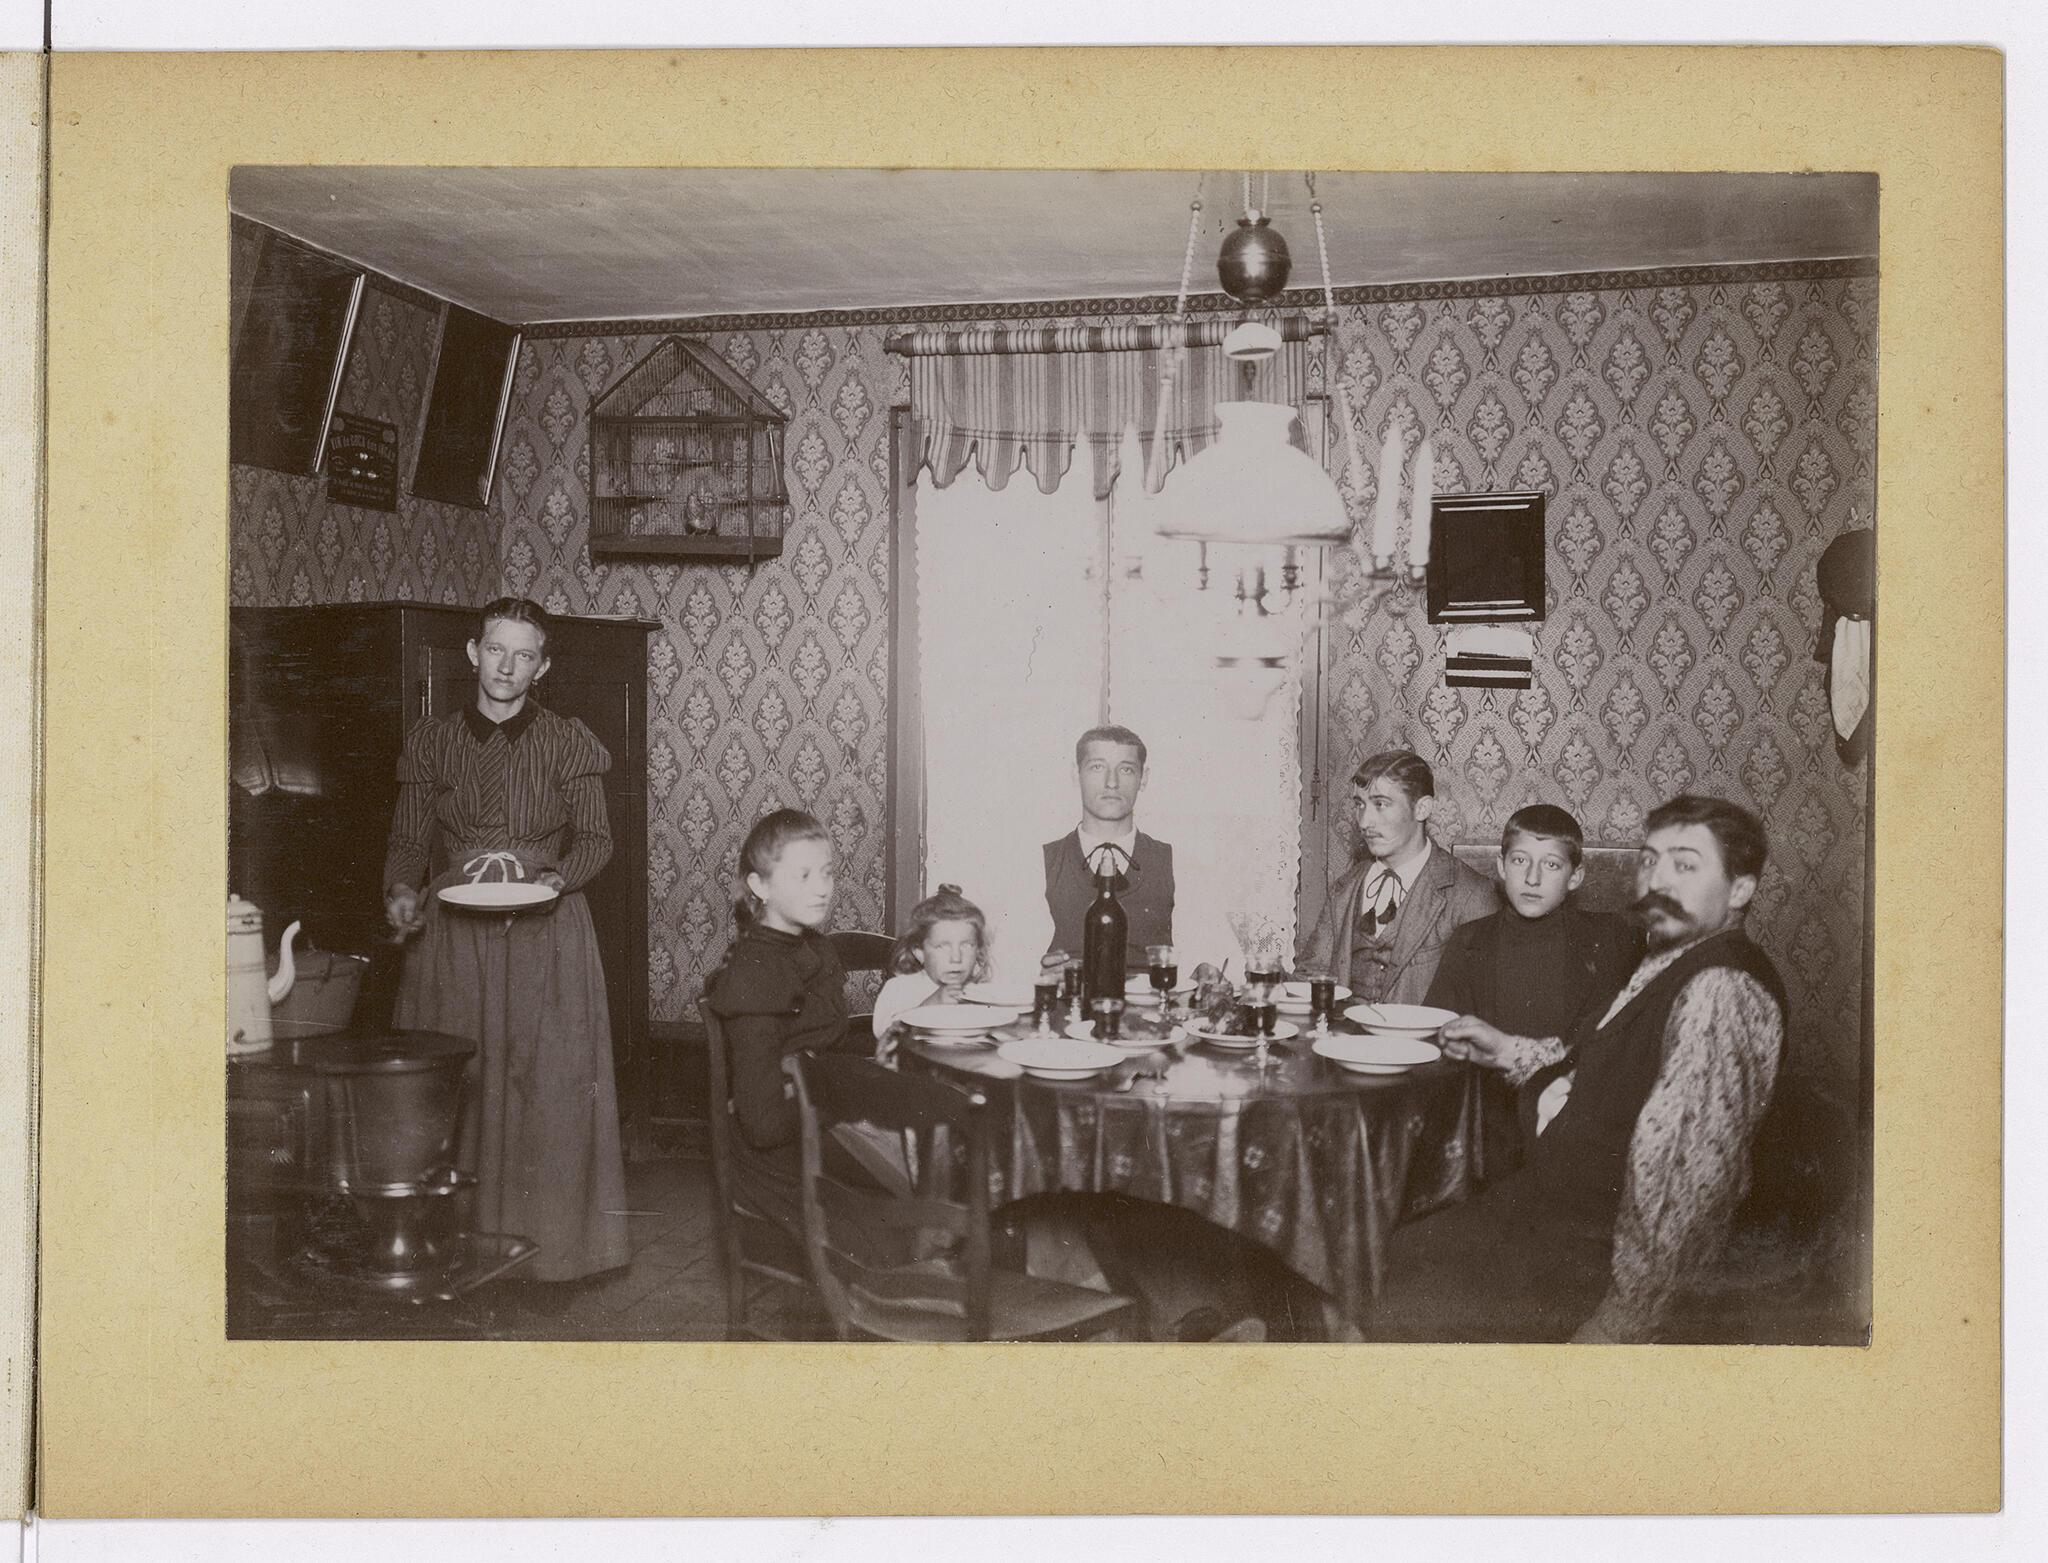 Lors d'un repas pris par une famille accompagnée de collègues dans un logement du Familistère. Les travailleurs sont associés et propriétaires collectivement de l'usine ainsi que du Familistère.